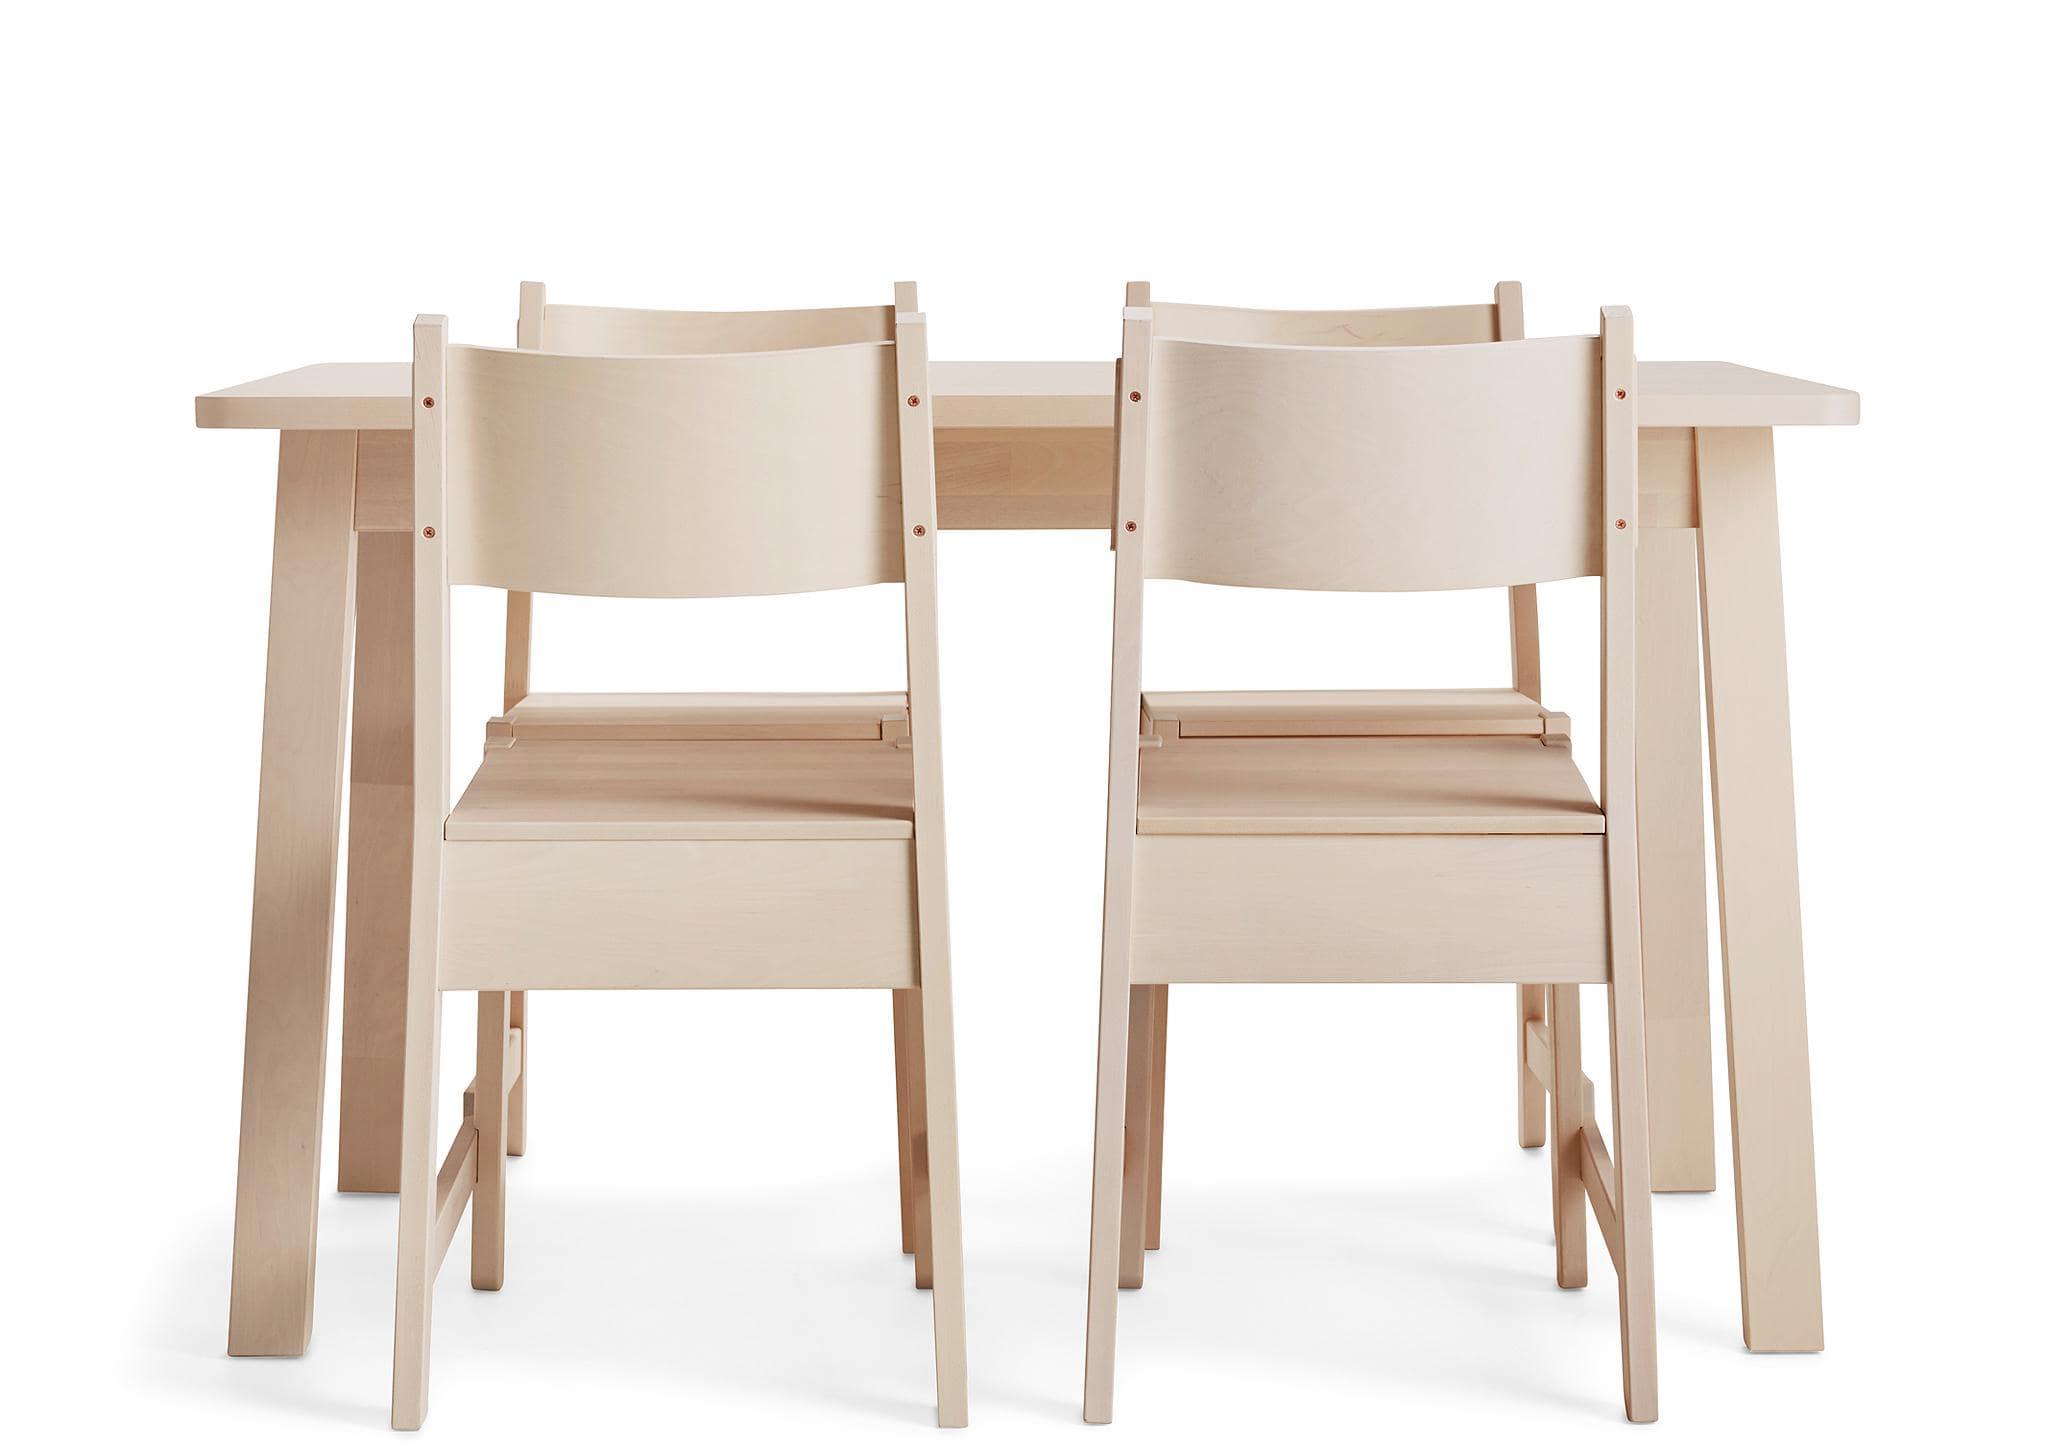 Oferta mesa y sillas comedor elegant oferta sillas for Oferta mesa comedor extensible y sillas